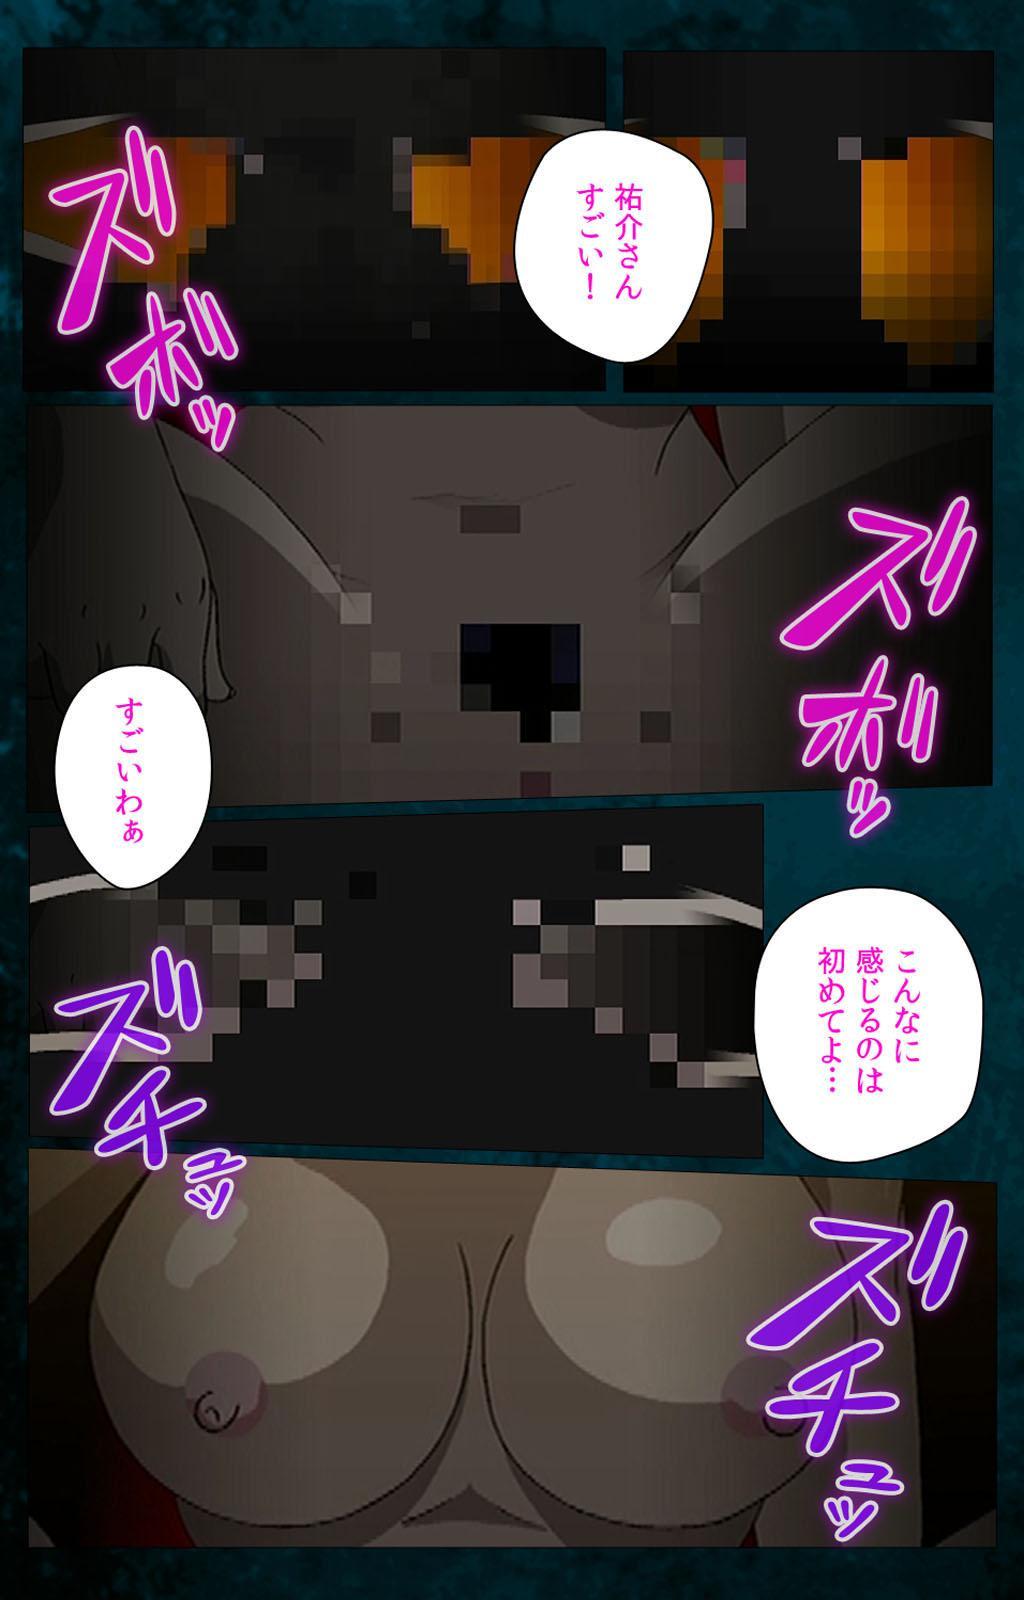 Gibo kanzenhan 197